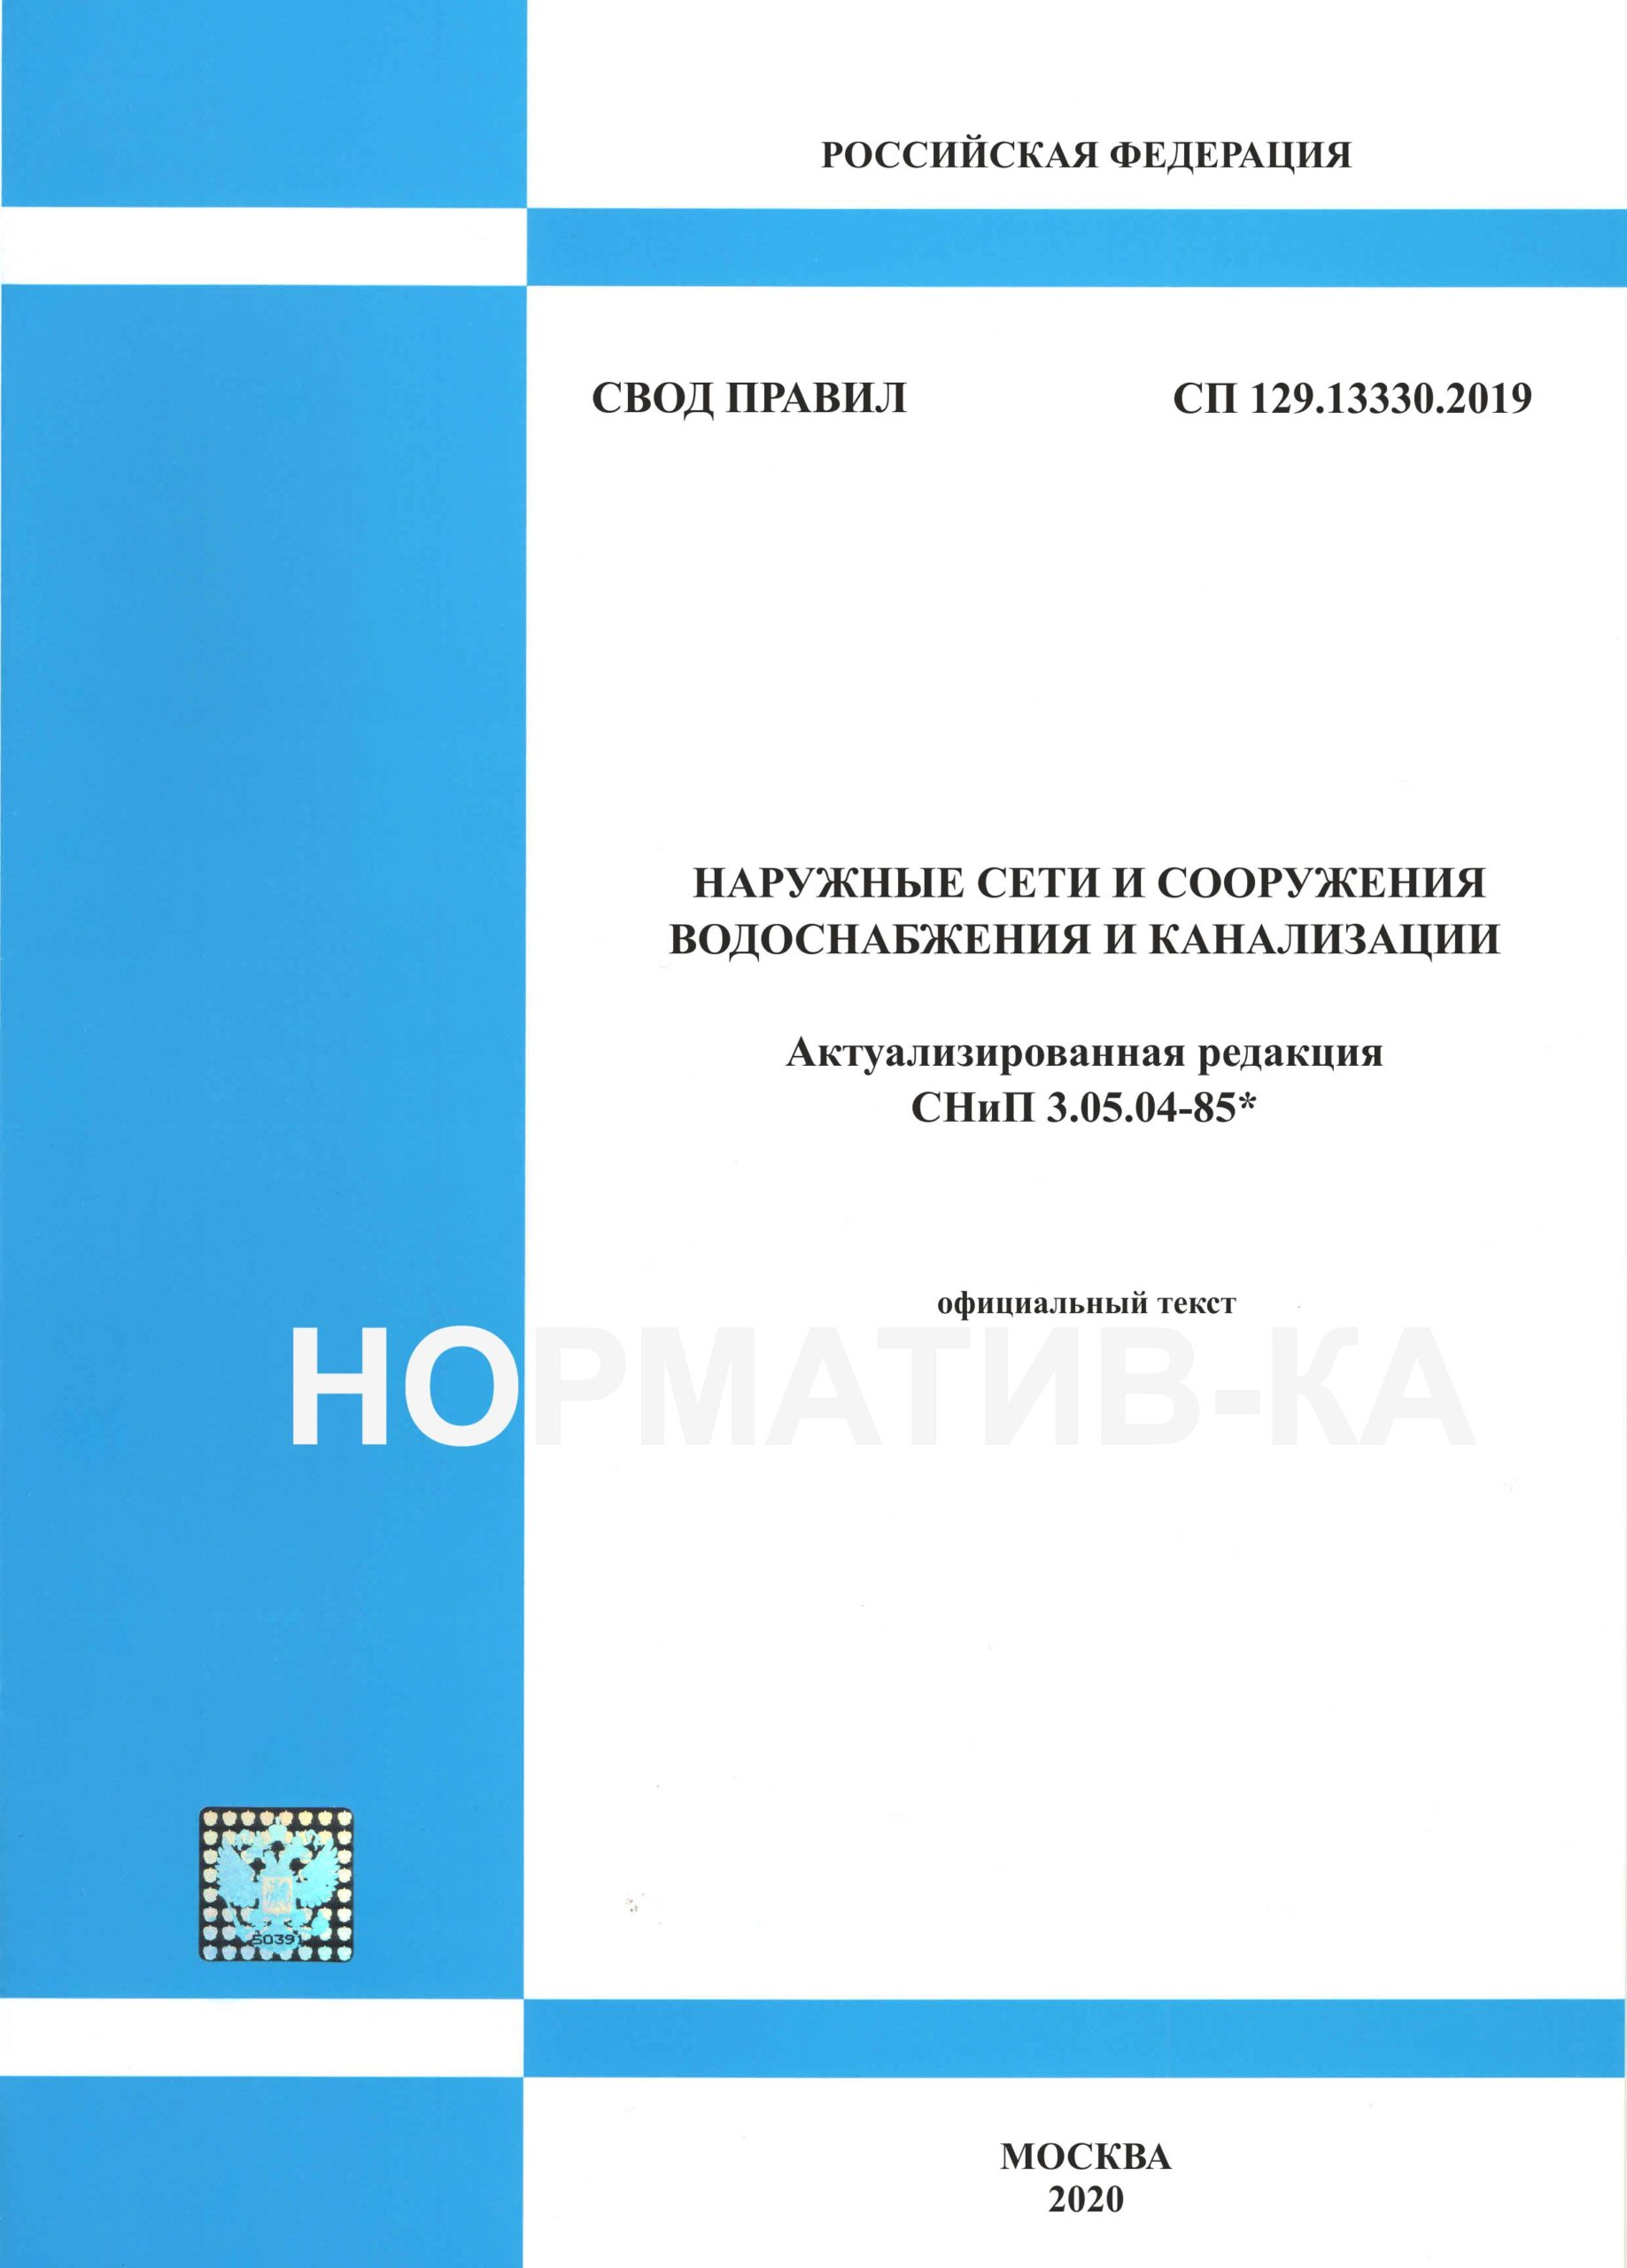 СП 129.13330.2019